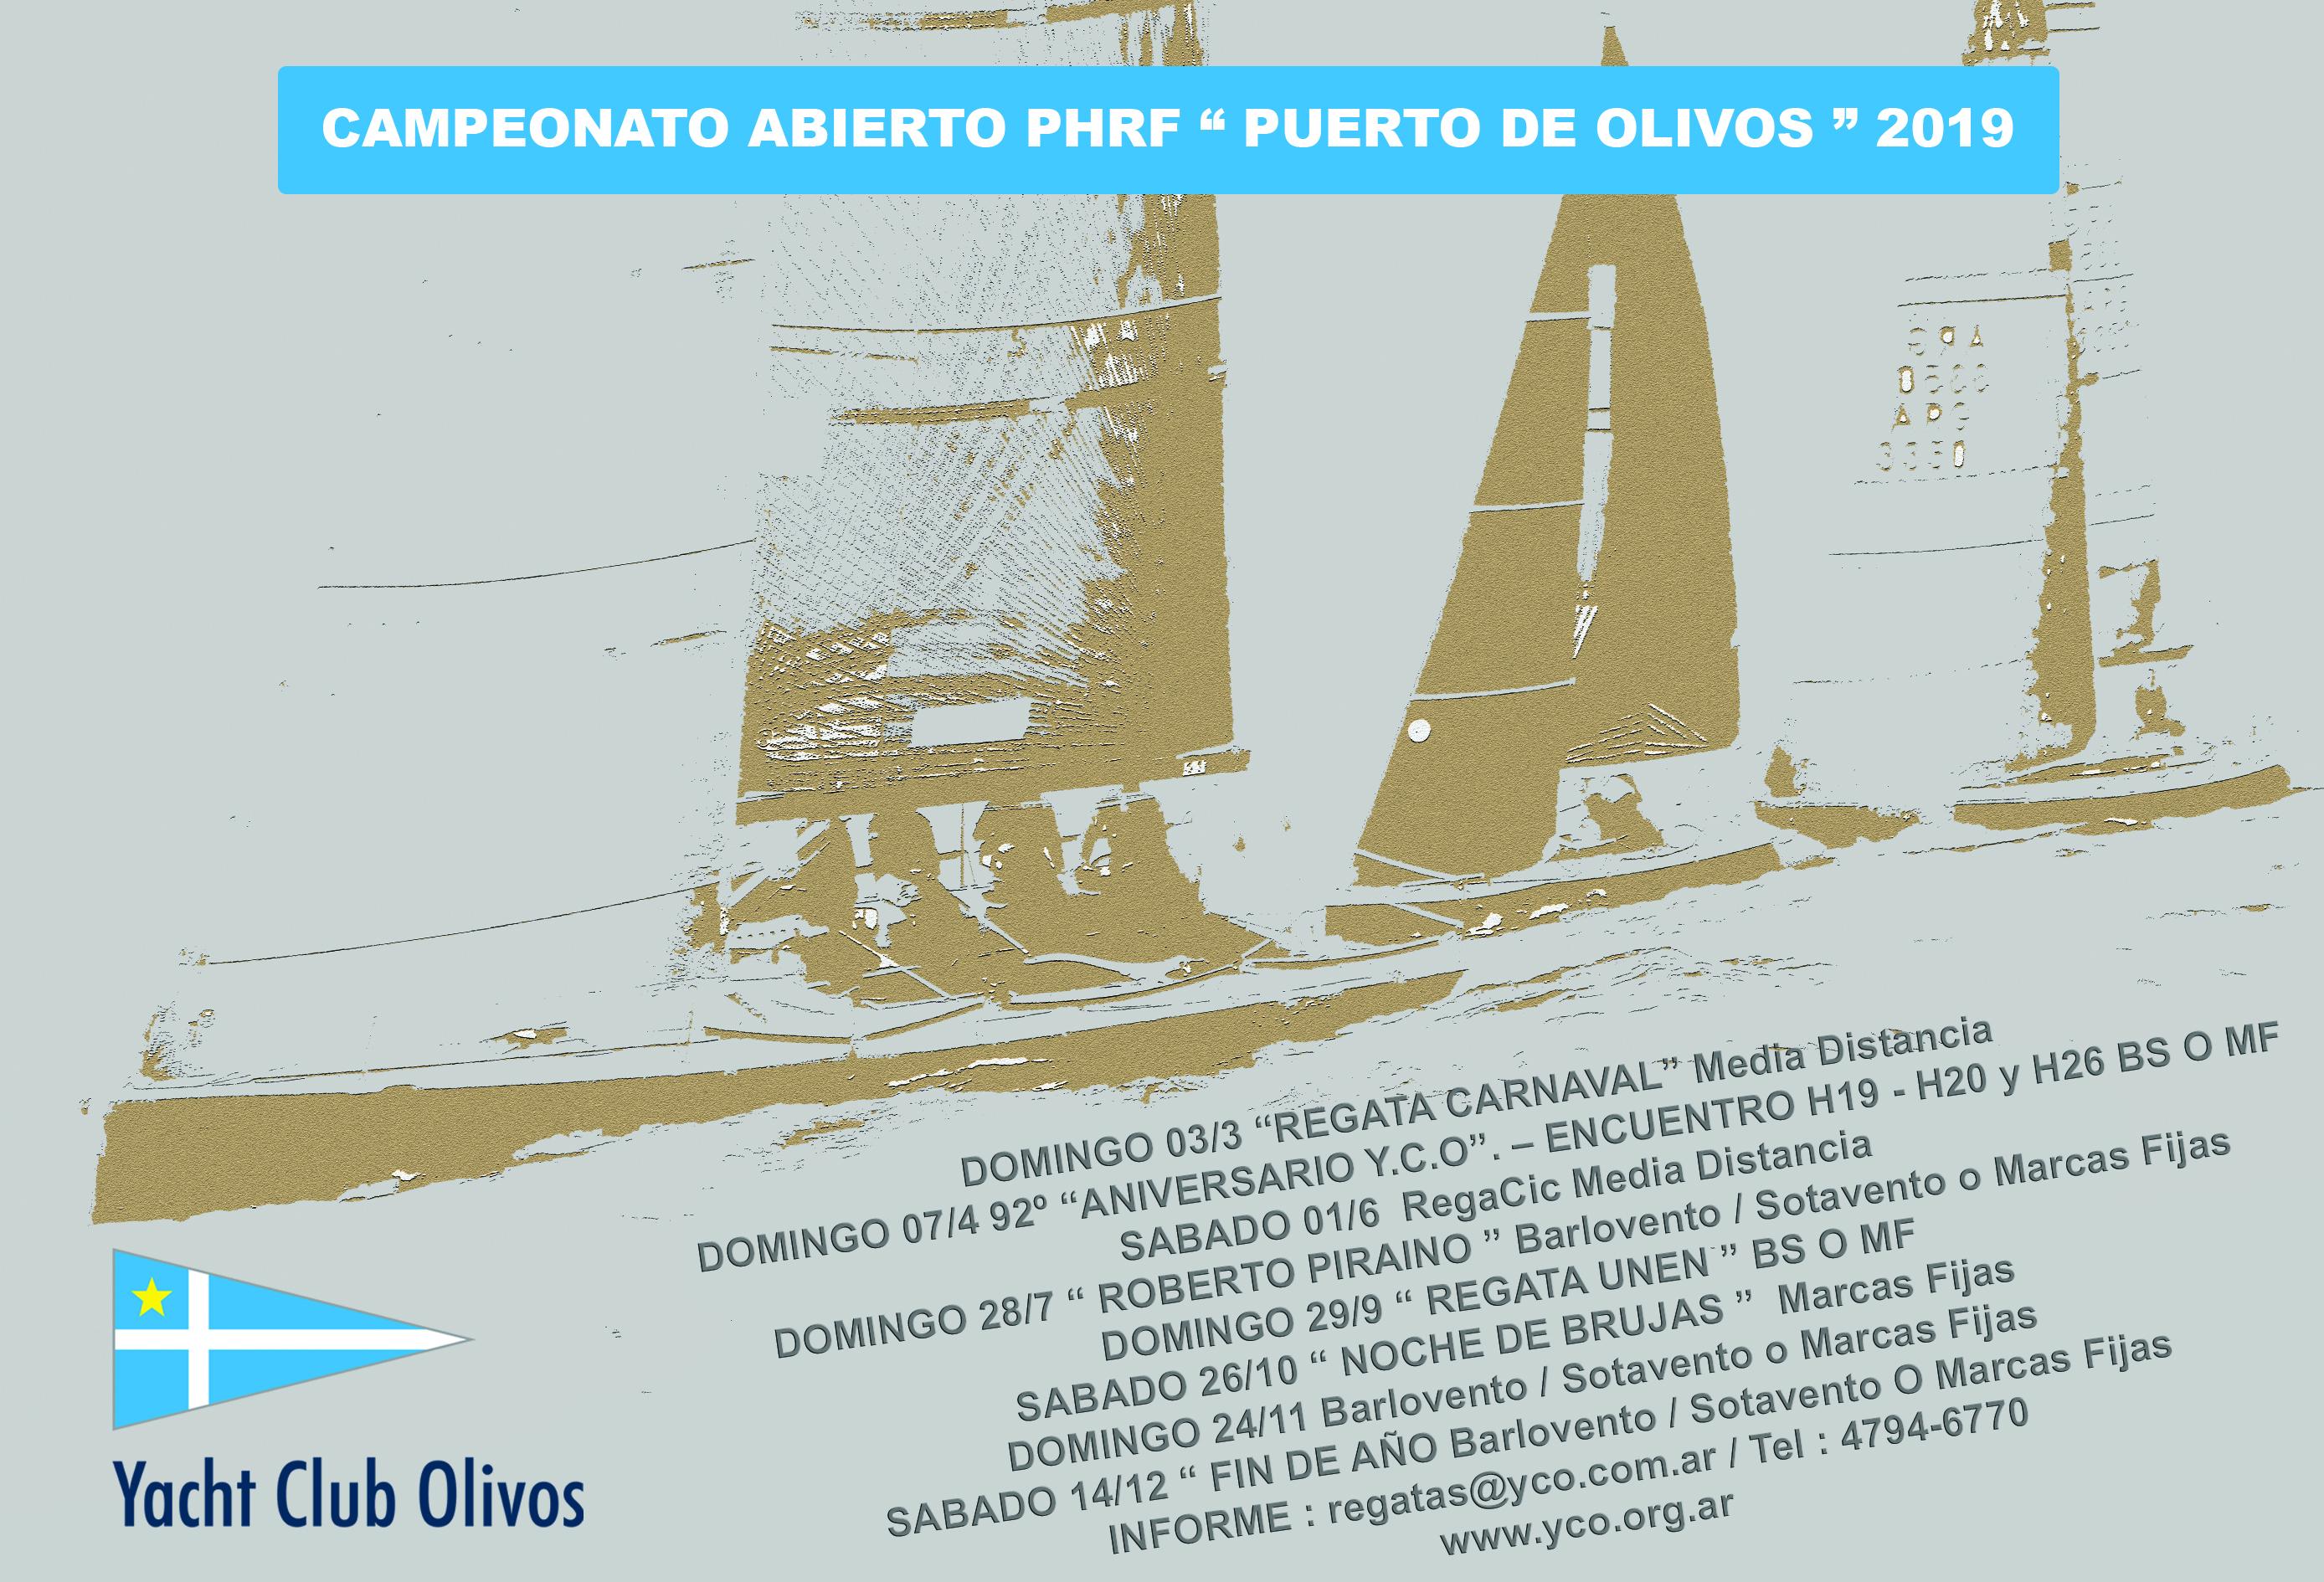 """CAMPEONATO ABIERTO P.H.R.F. """"PUERTO DE OLIVOS"""" 2019"""